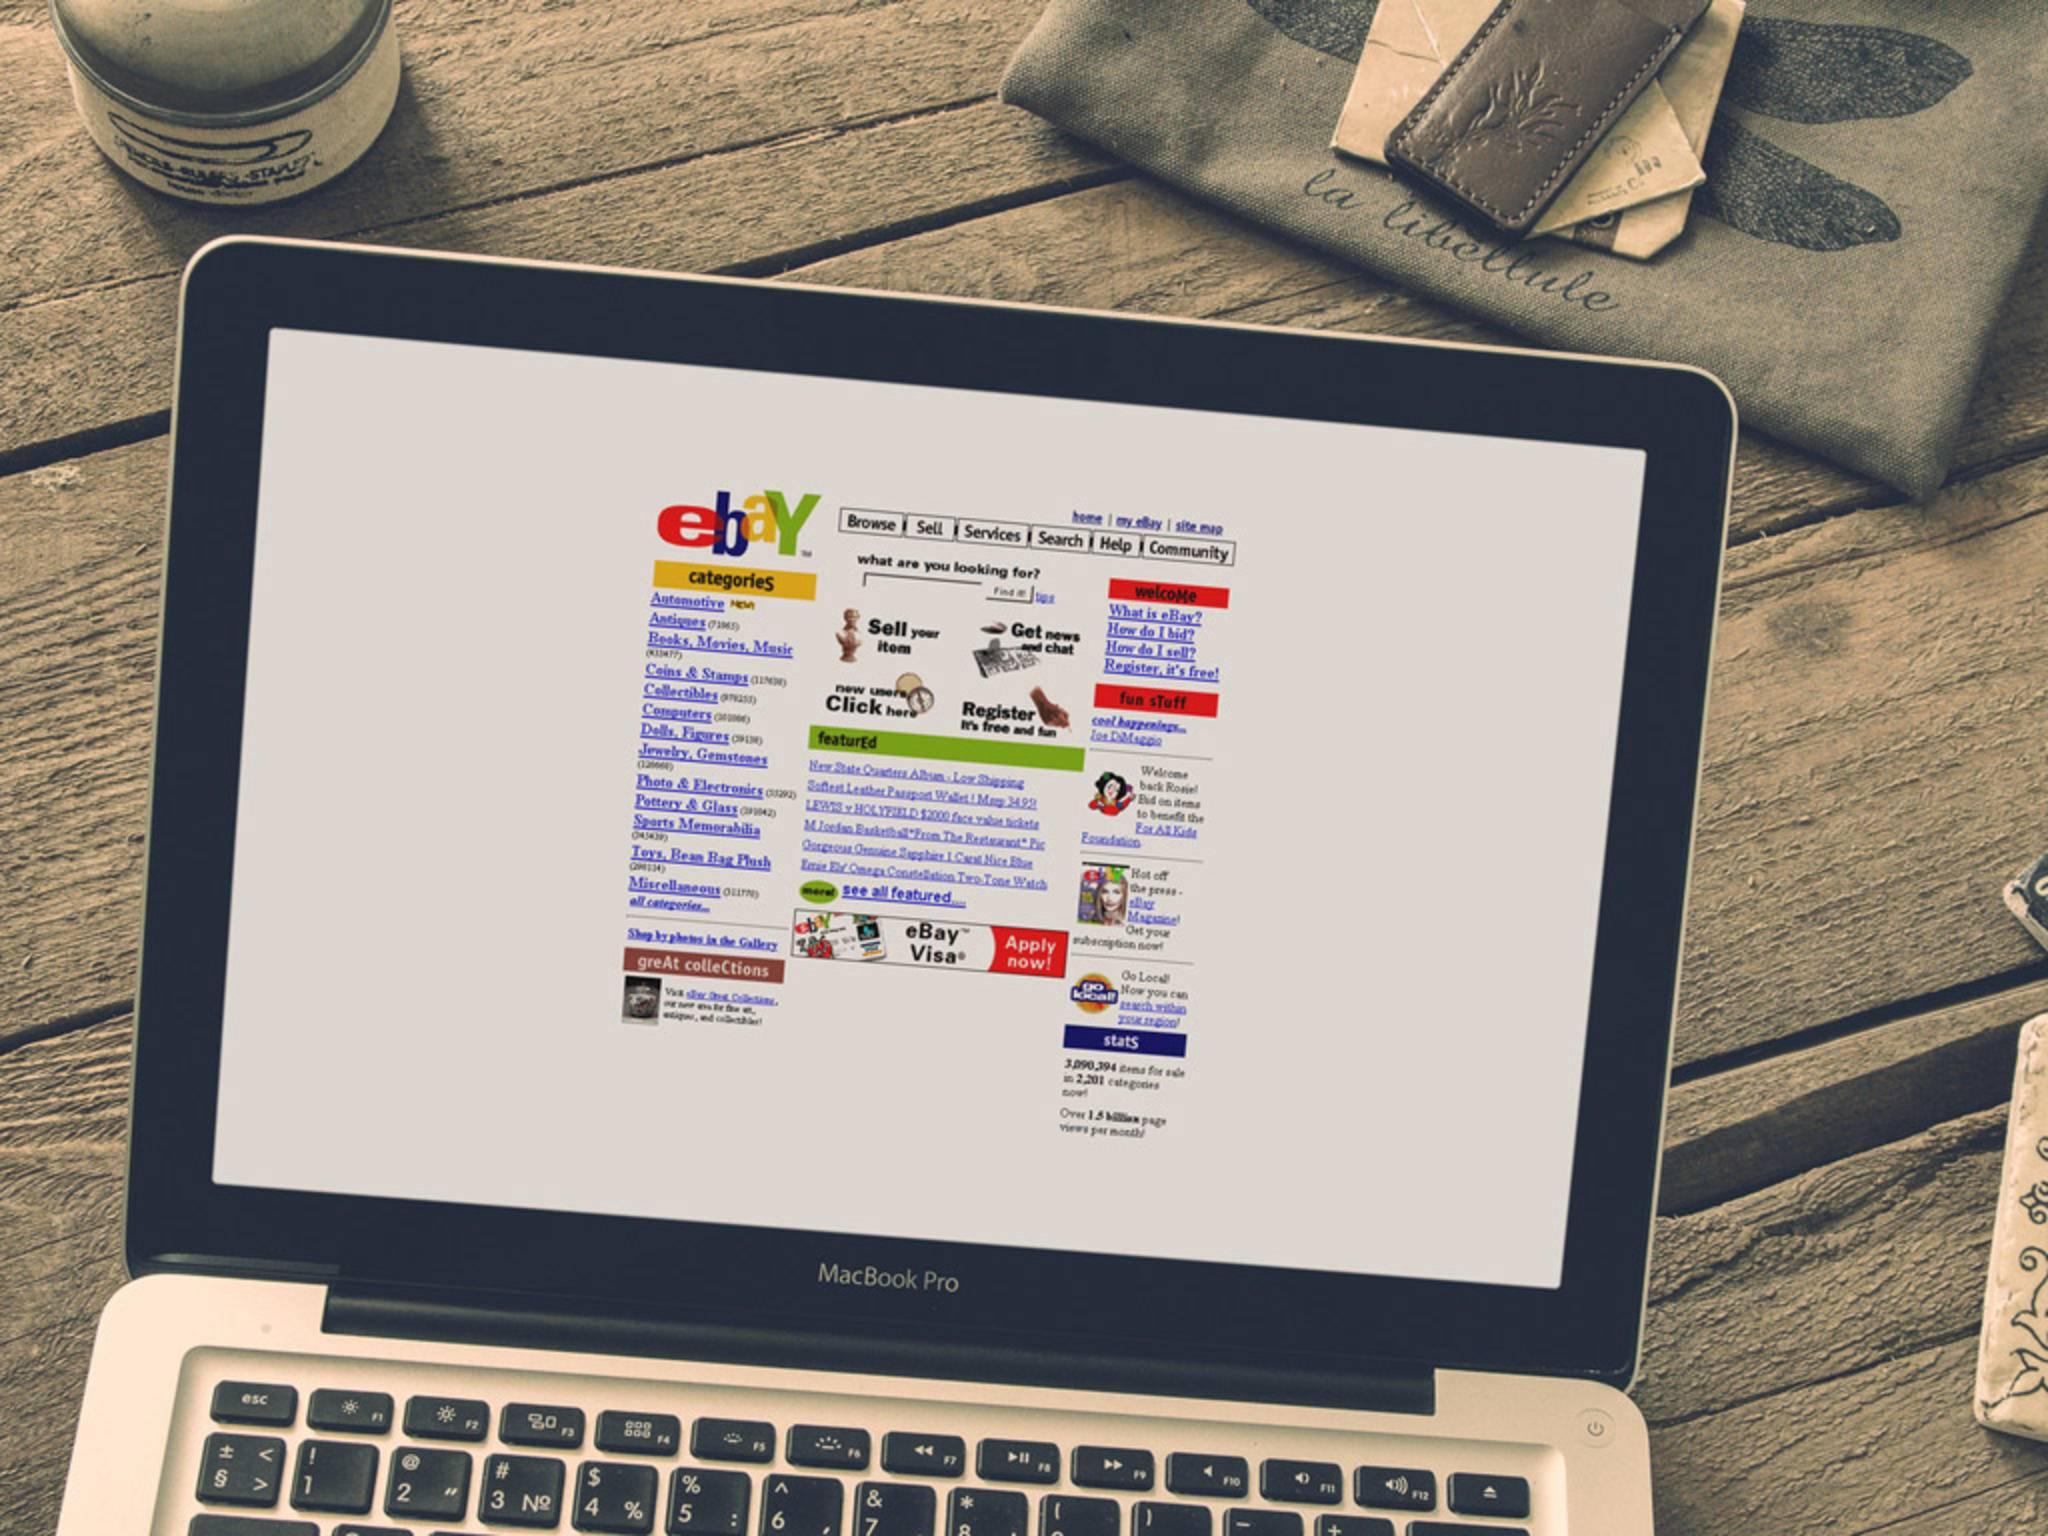 So sah die Webseite von Ebay im Jahr 1995 aus.